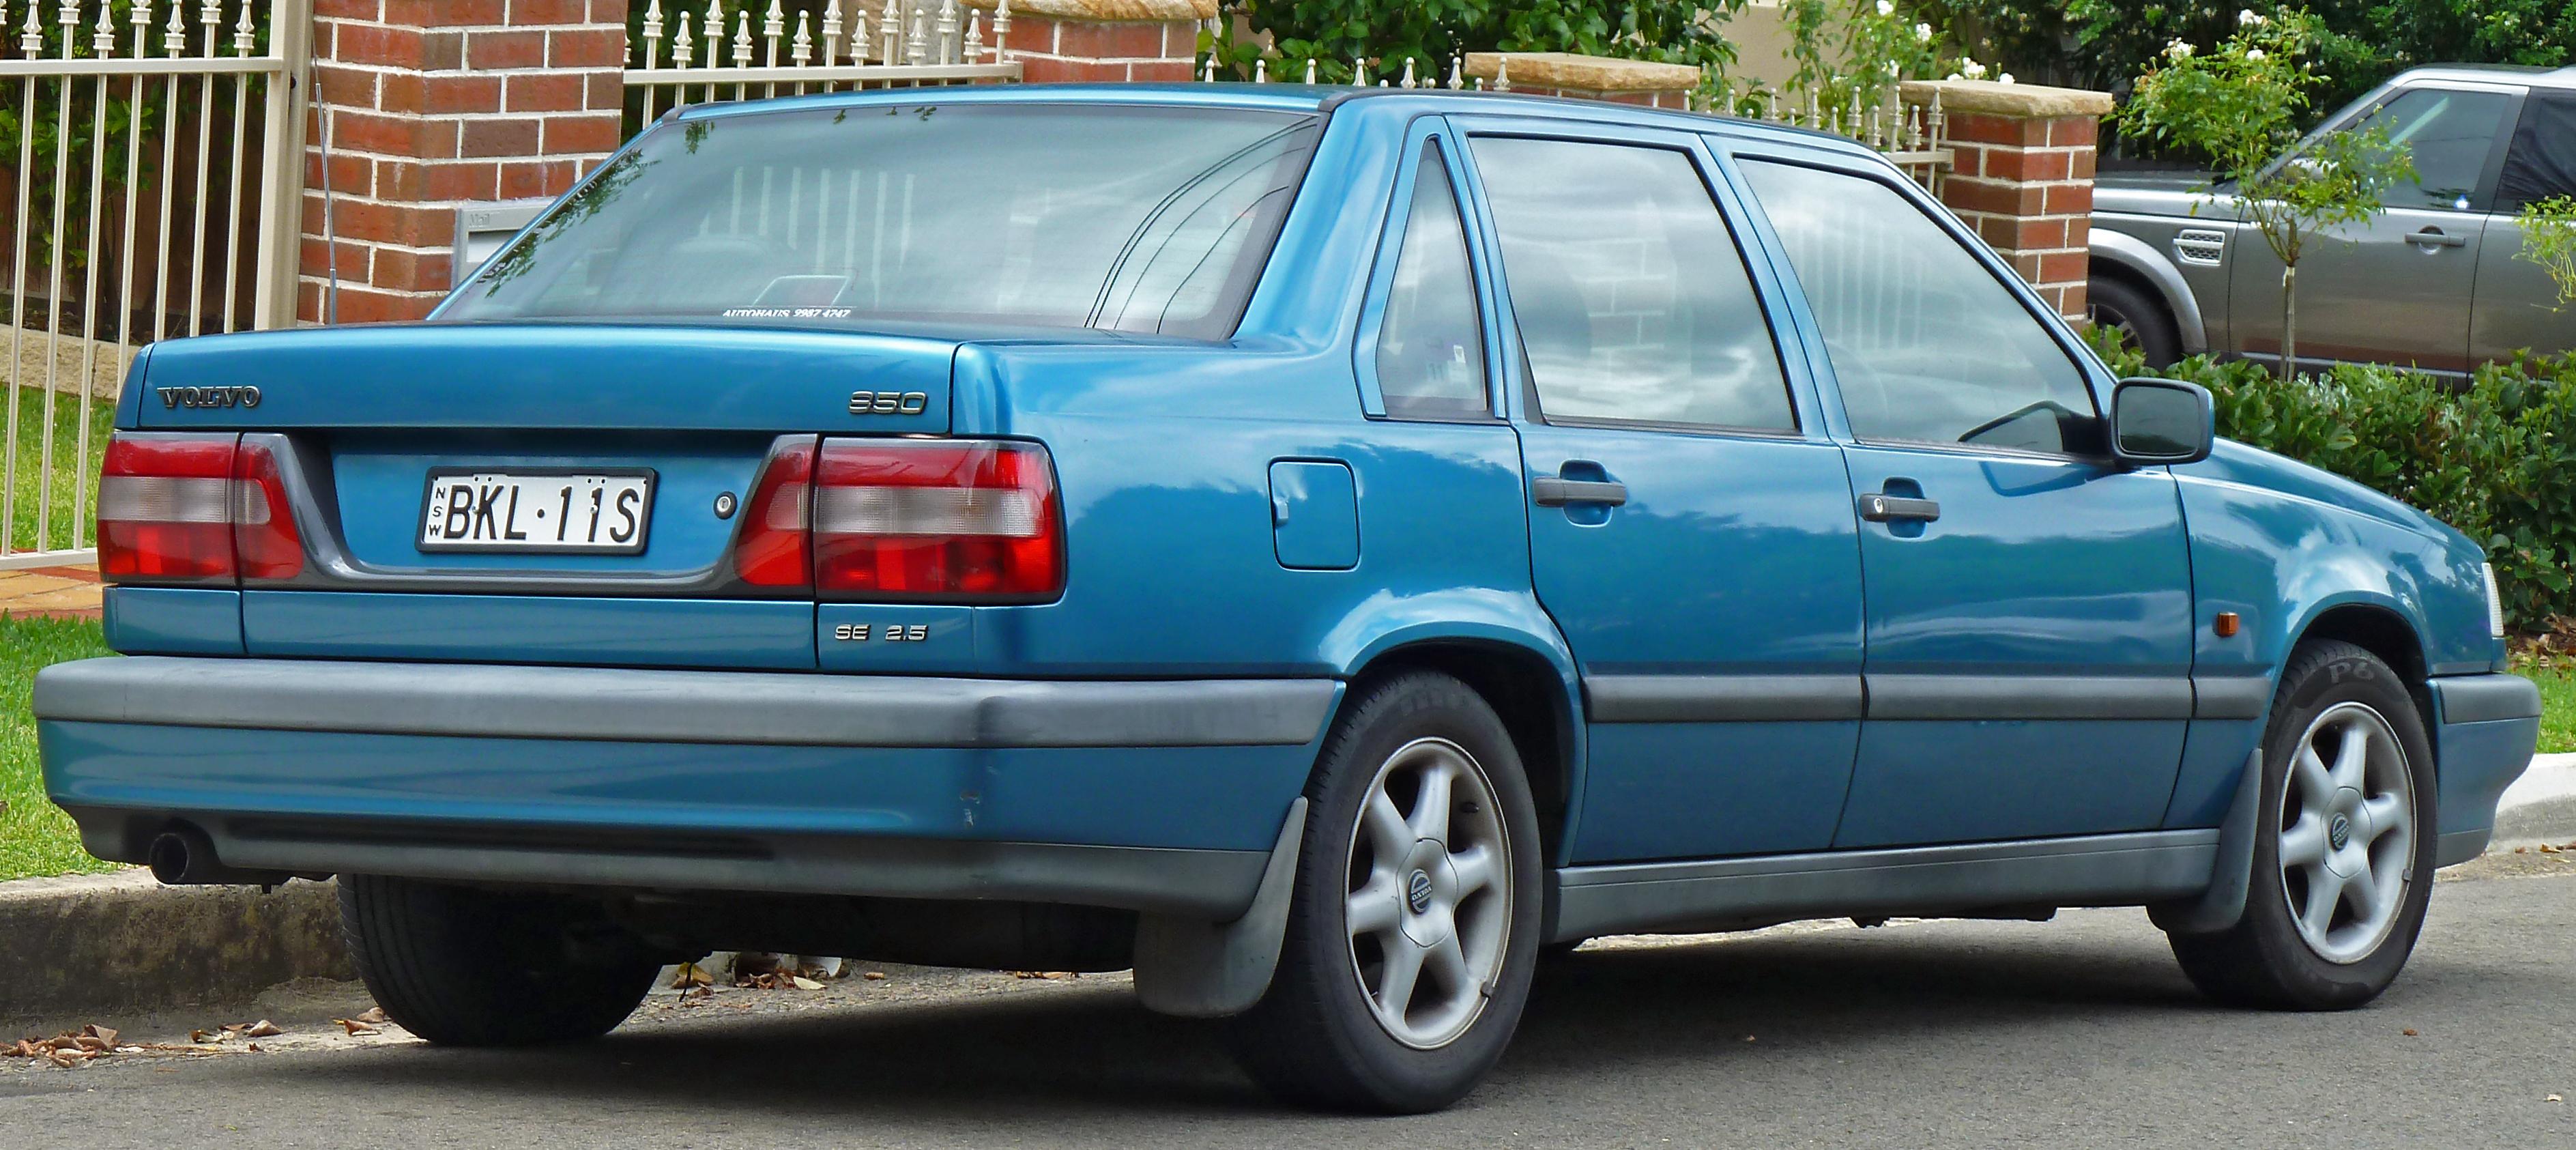 Volvo V70 Wiki >> File:1994-1997 Volvo 850 SE 2.5 sedan (2011-04-02).jpg - Wikimedia Commons